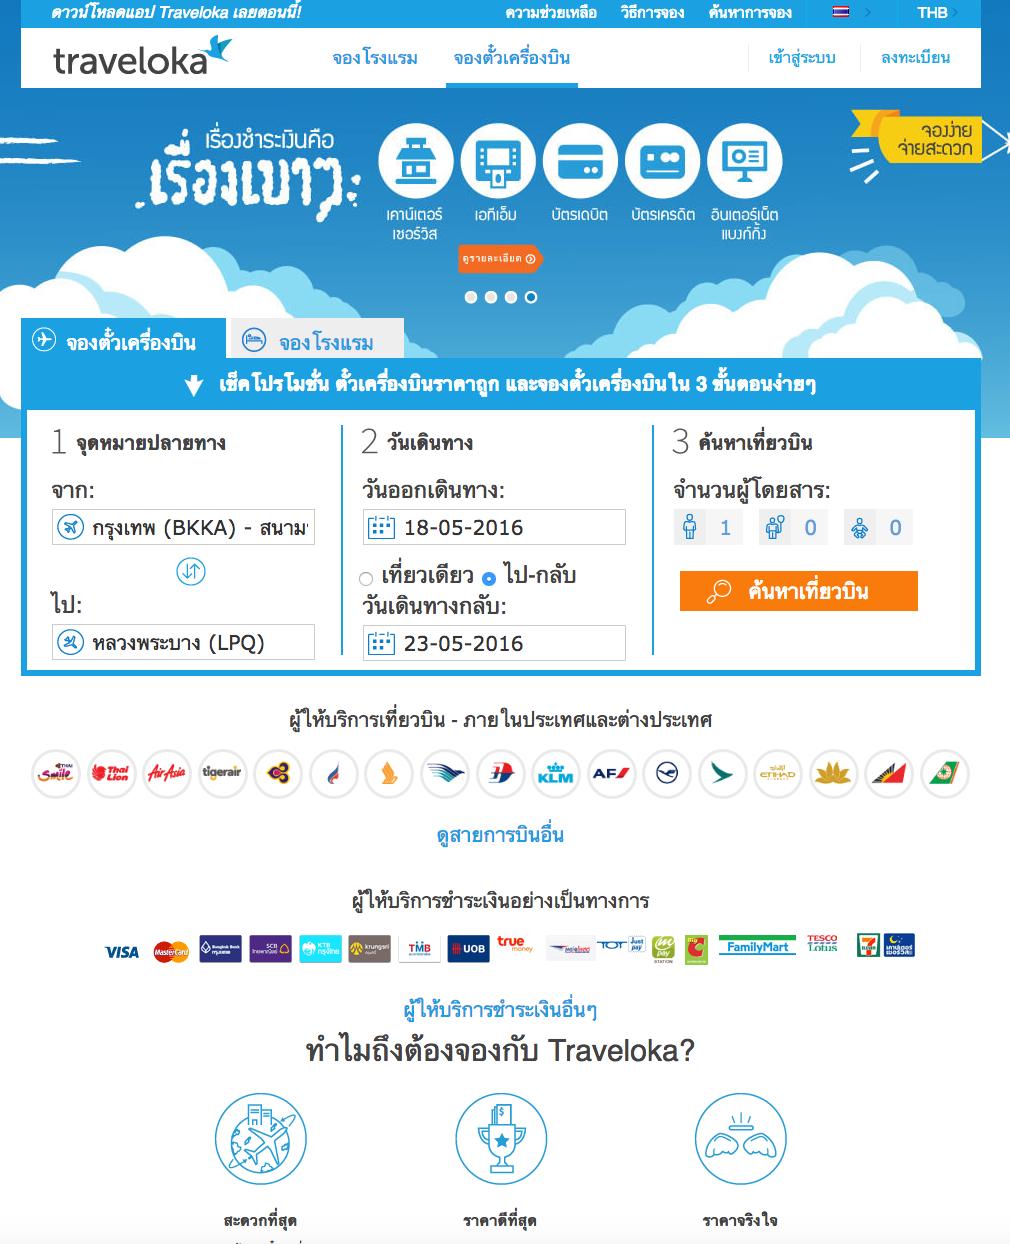 แนะนำ Traveloka เวบจองตั๋วเครื่องบินที่พัก คู่ใจนักเดินทาง แจก Code โปรโมชั่น Nightphoomin